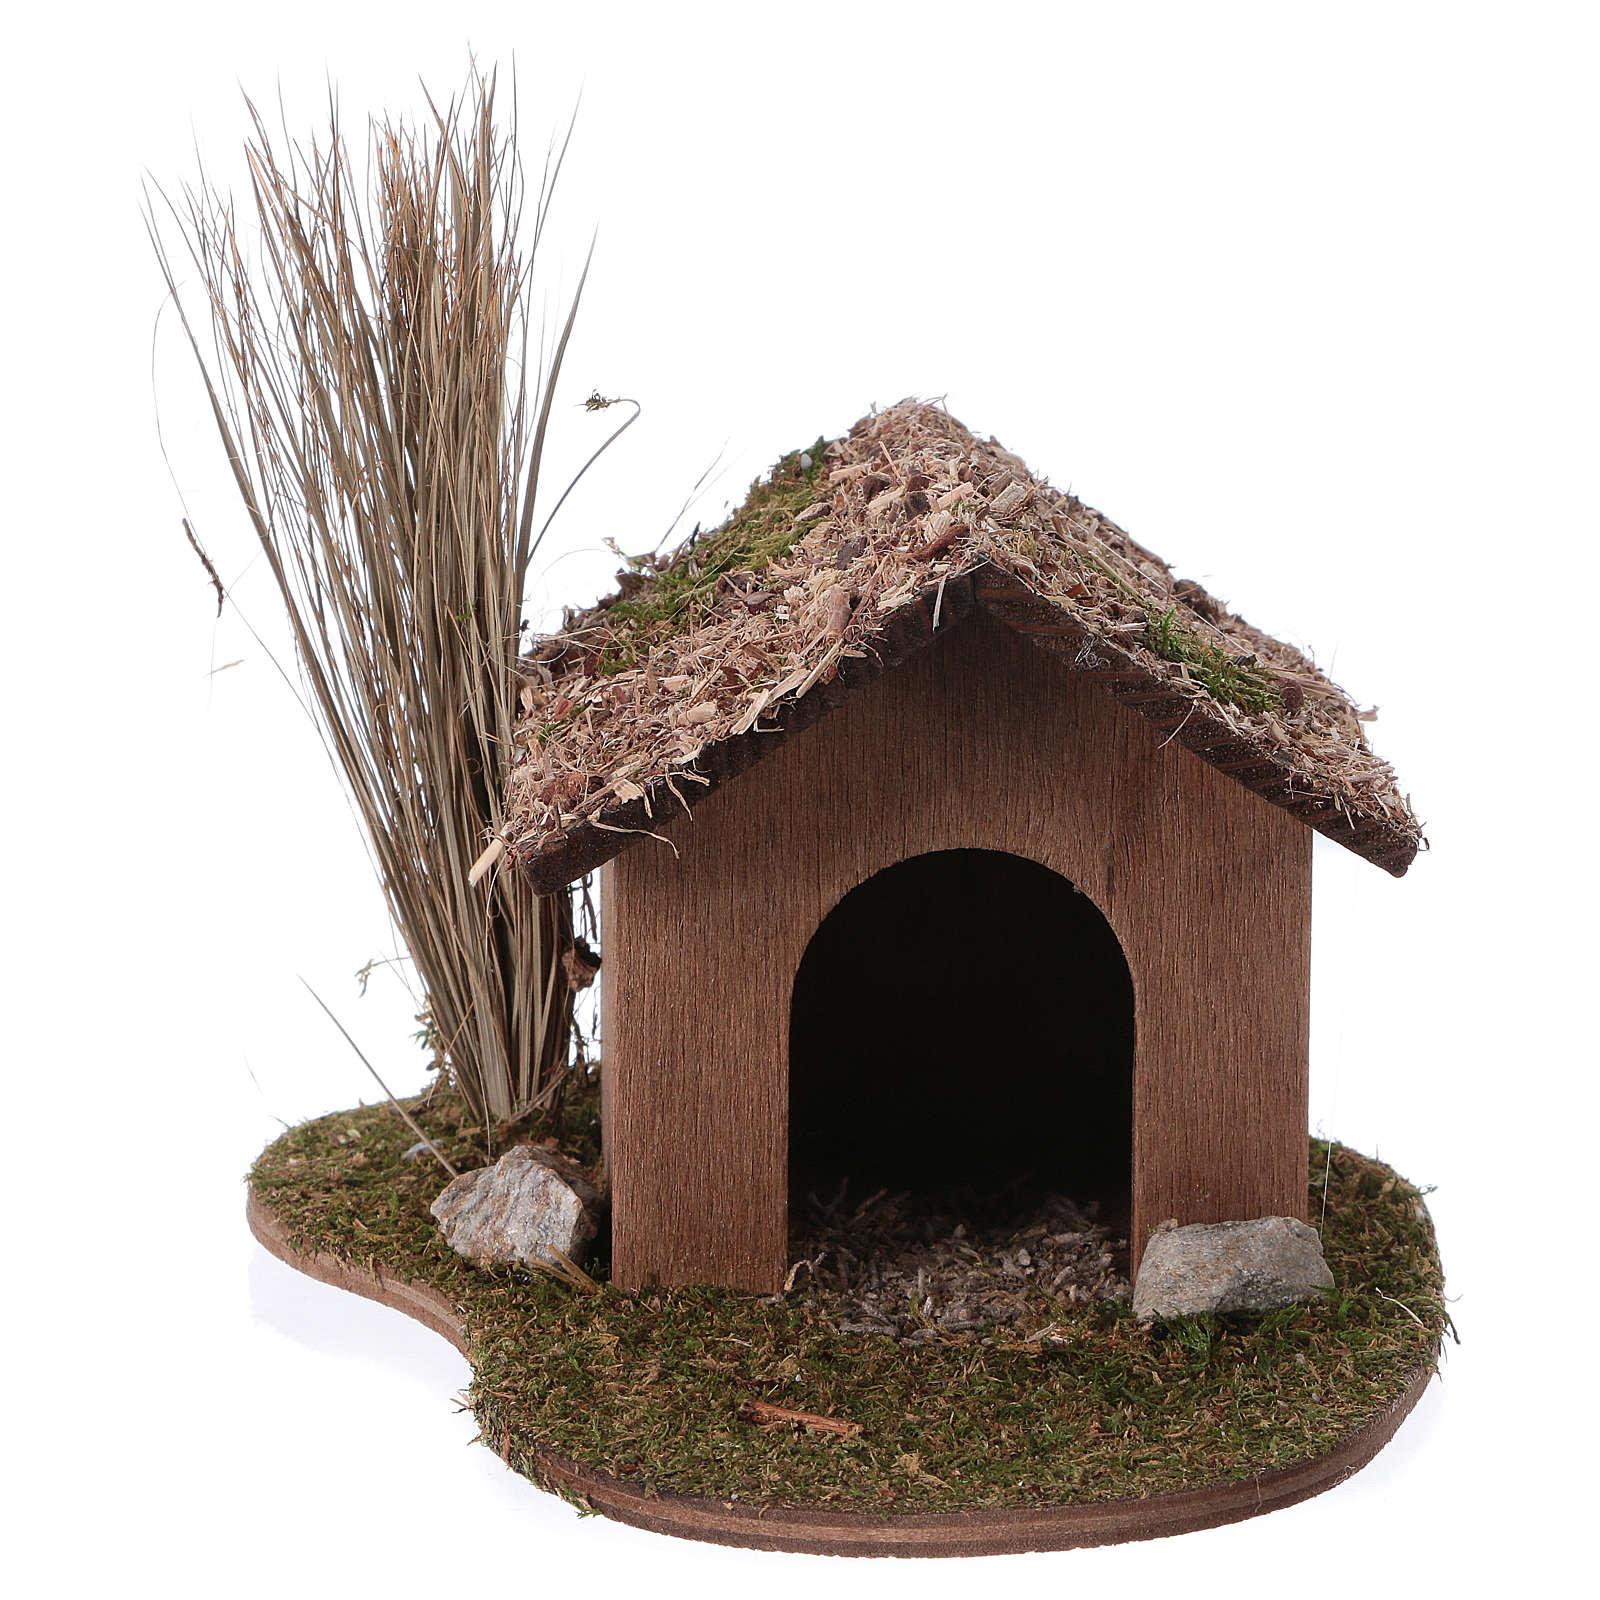 Cuccia cane in legno 9x13x15 cm per presepi di 12-14 cm 3